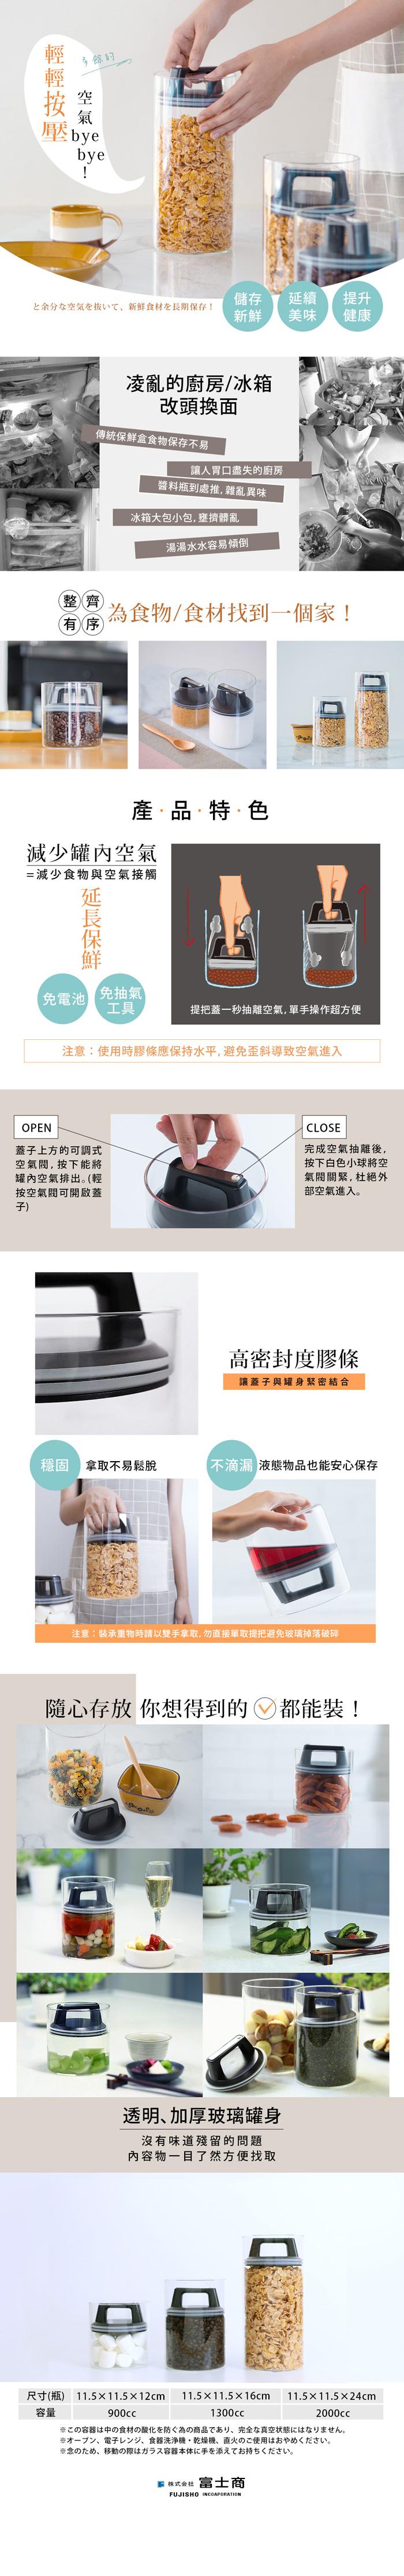 富士商|蓋新鮮 壓拉式真空罐-1300ml